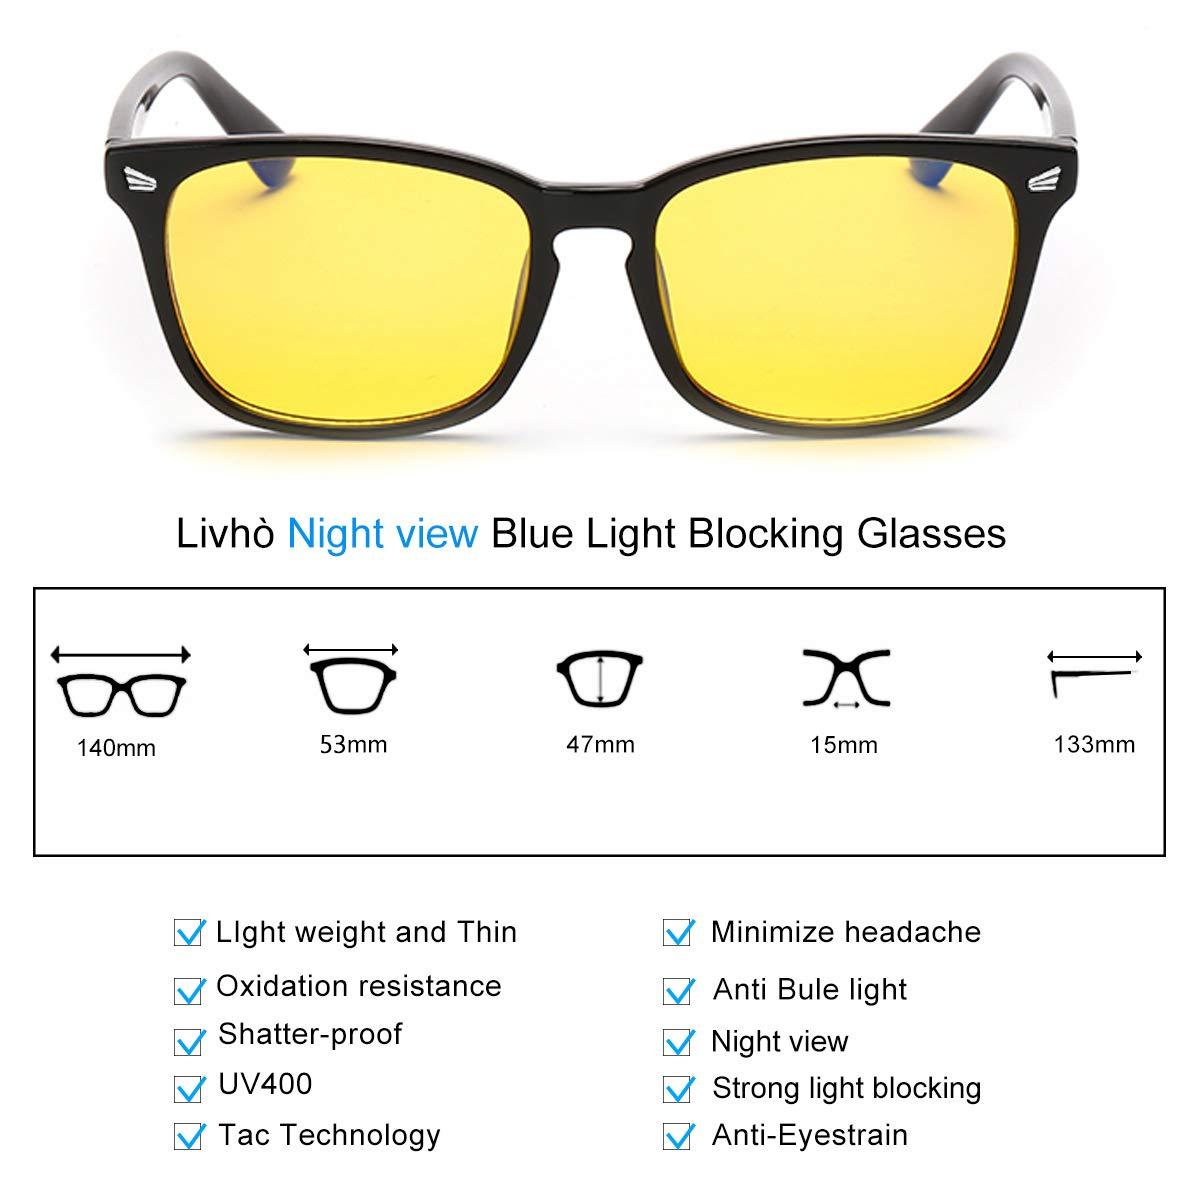 756e0df977ab Amazon.com  Livho HD Night Vision Driving Glasses Anti-Glare Blue Light  Blocking   Computer Gaming Glasses for Men Women - Prevent Digital  Eyestrain  Health ...